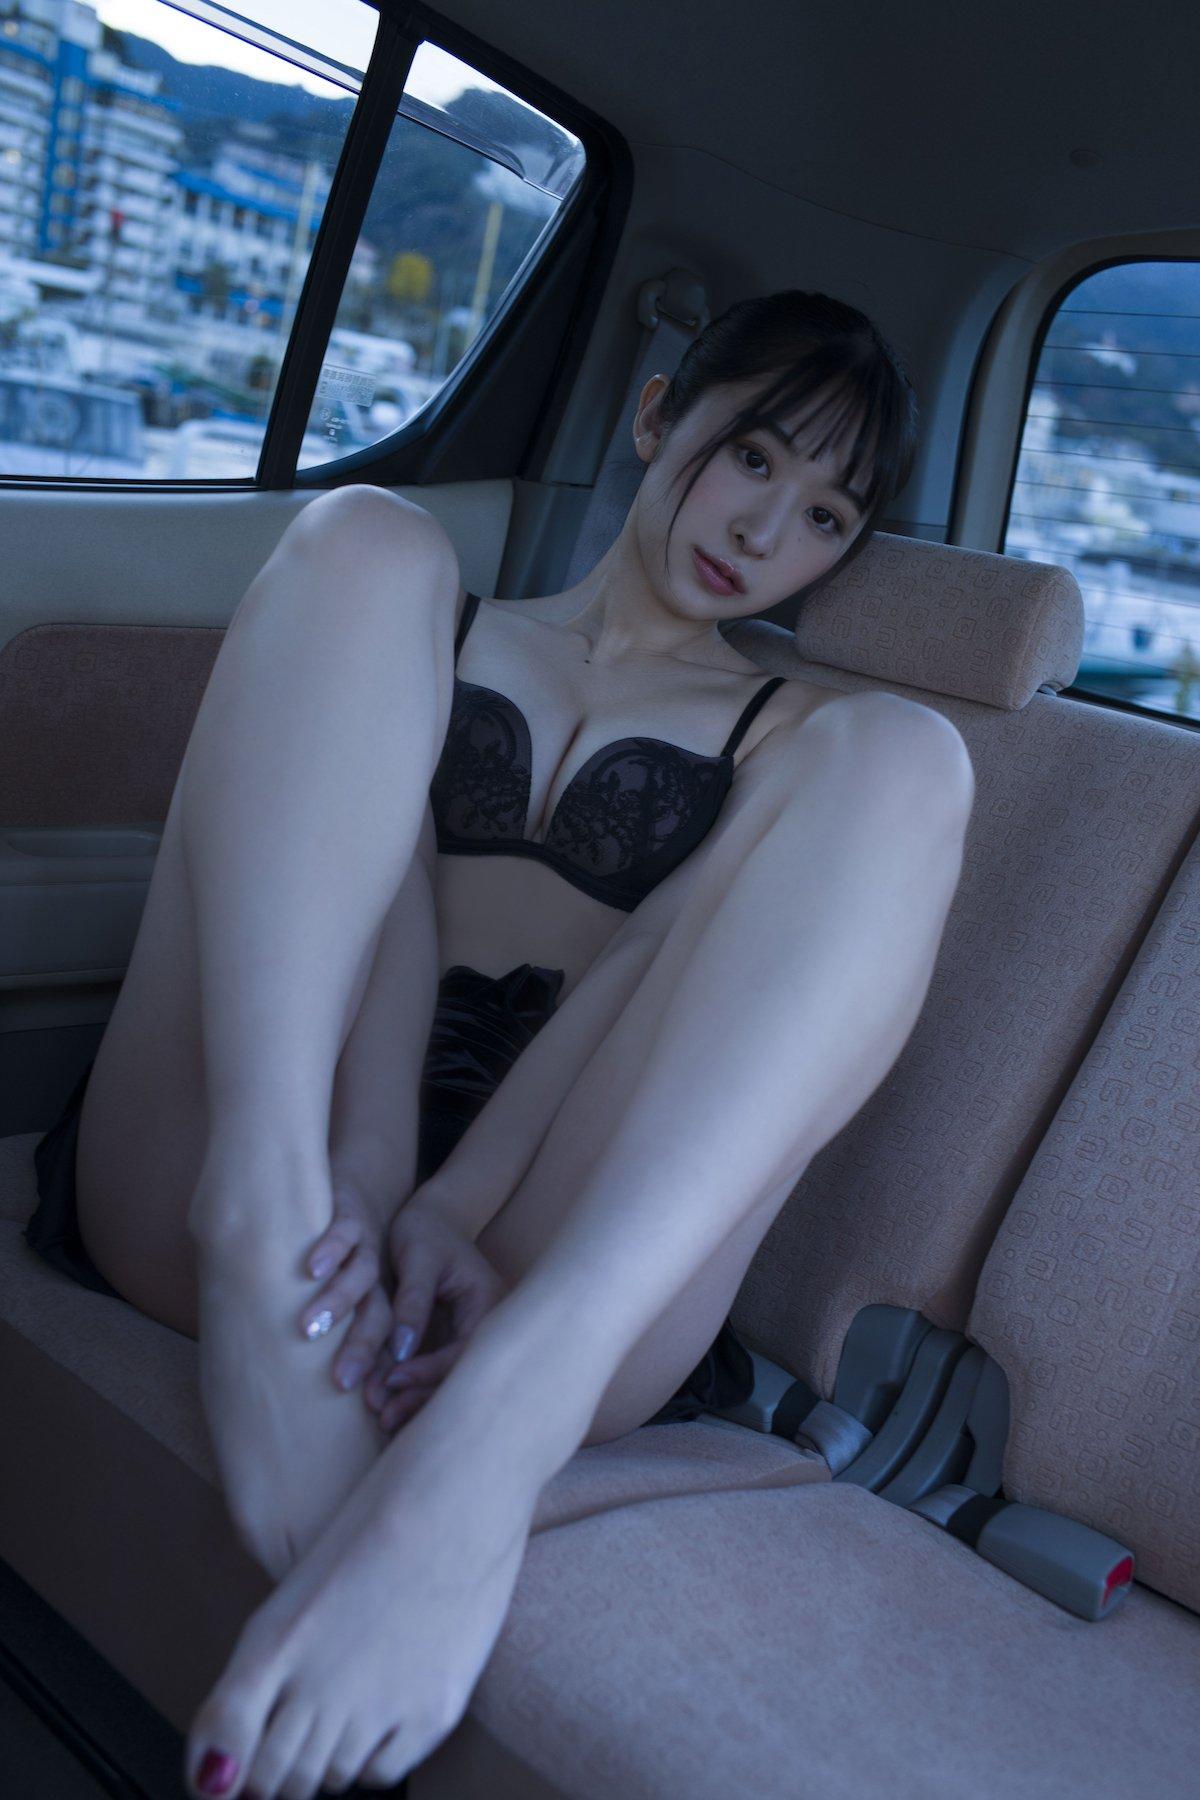 真島なおみ「車の中で生着替え」誰かに見られちゃった?『STRiKE!』グラビアのオフショットを大公開!【画像6枚】の画像006